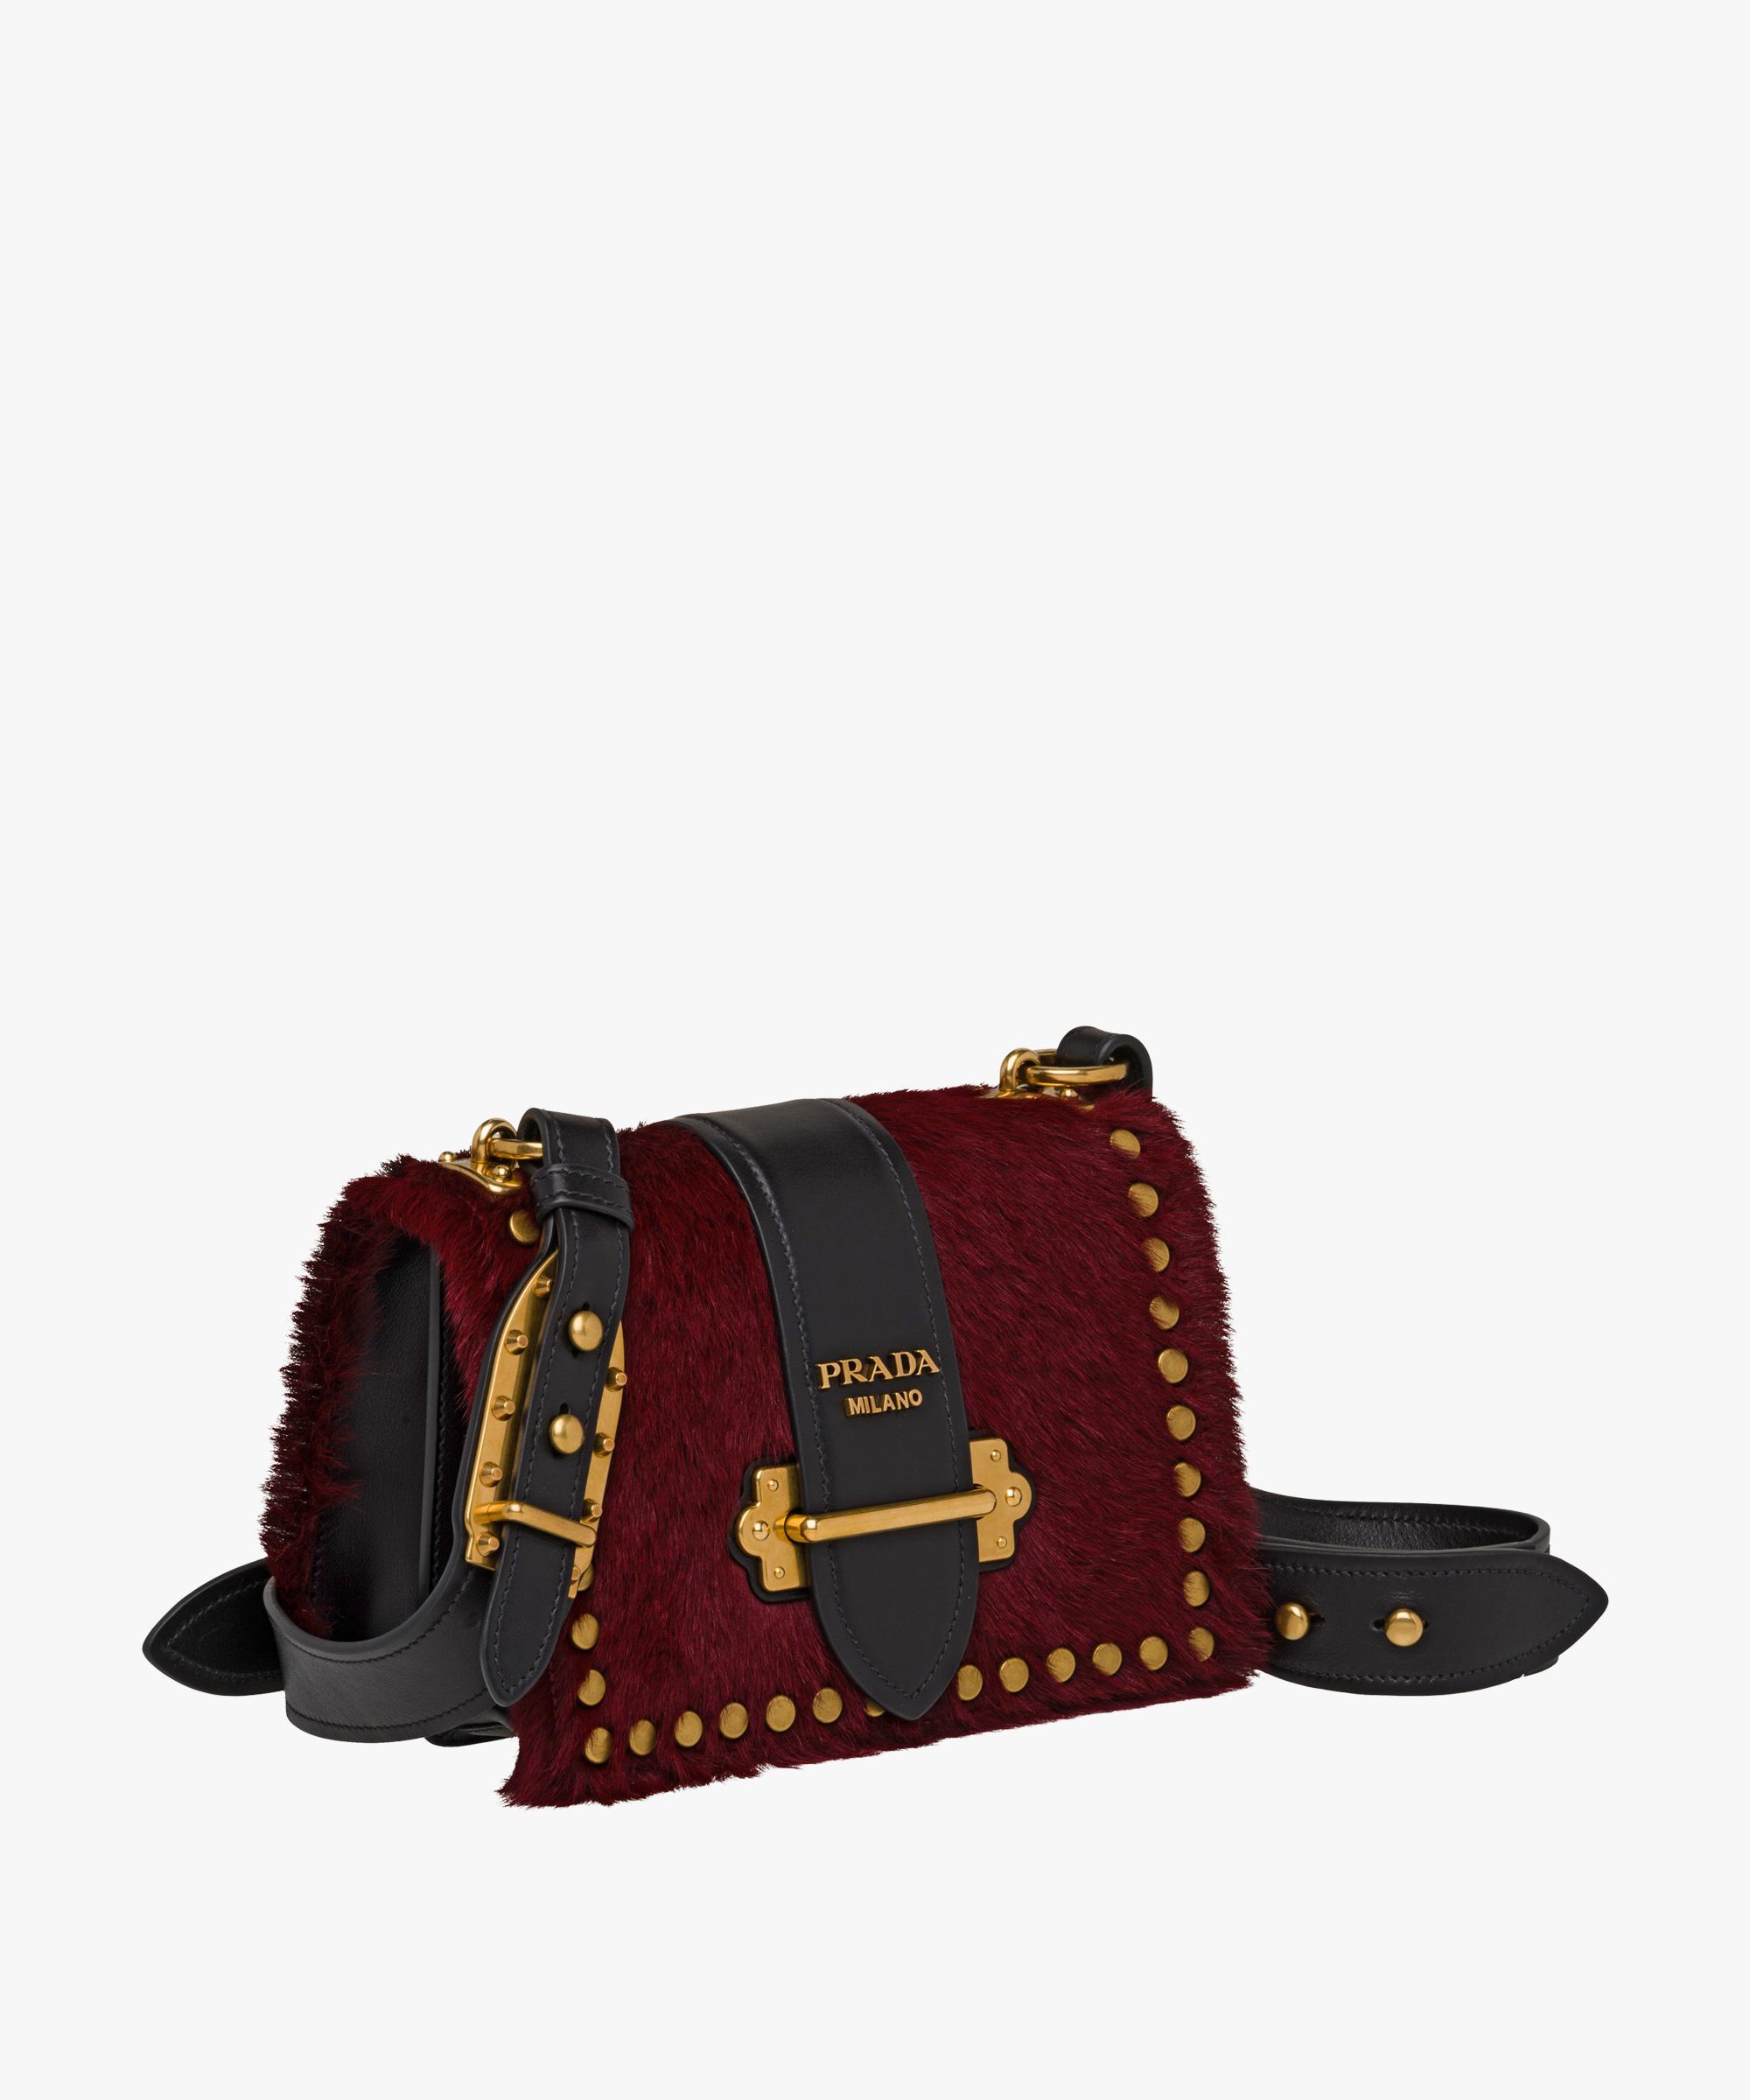 aea5f868525 ... leather tote 2018a d43fd switzerland lyst prada cahier calf hair bag in  red e334b b045b ...